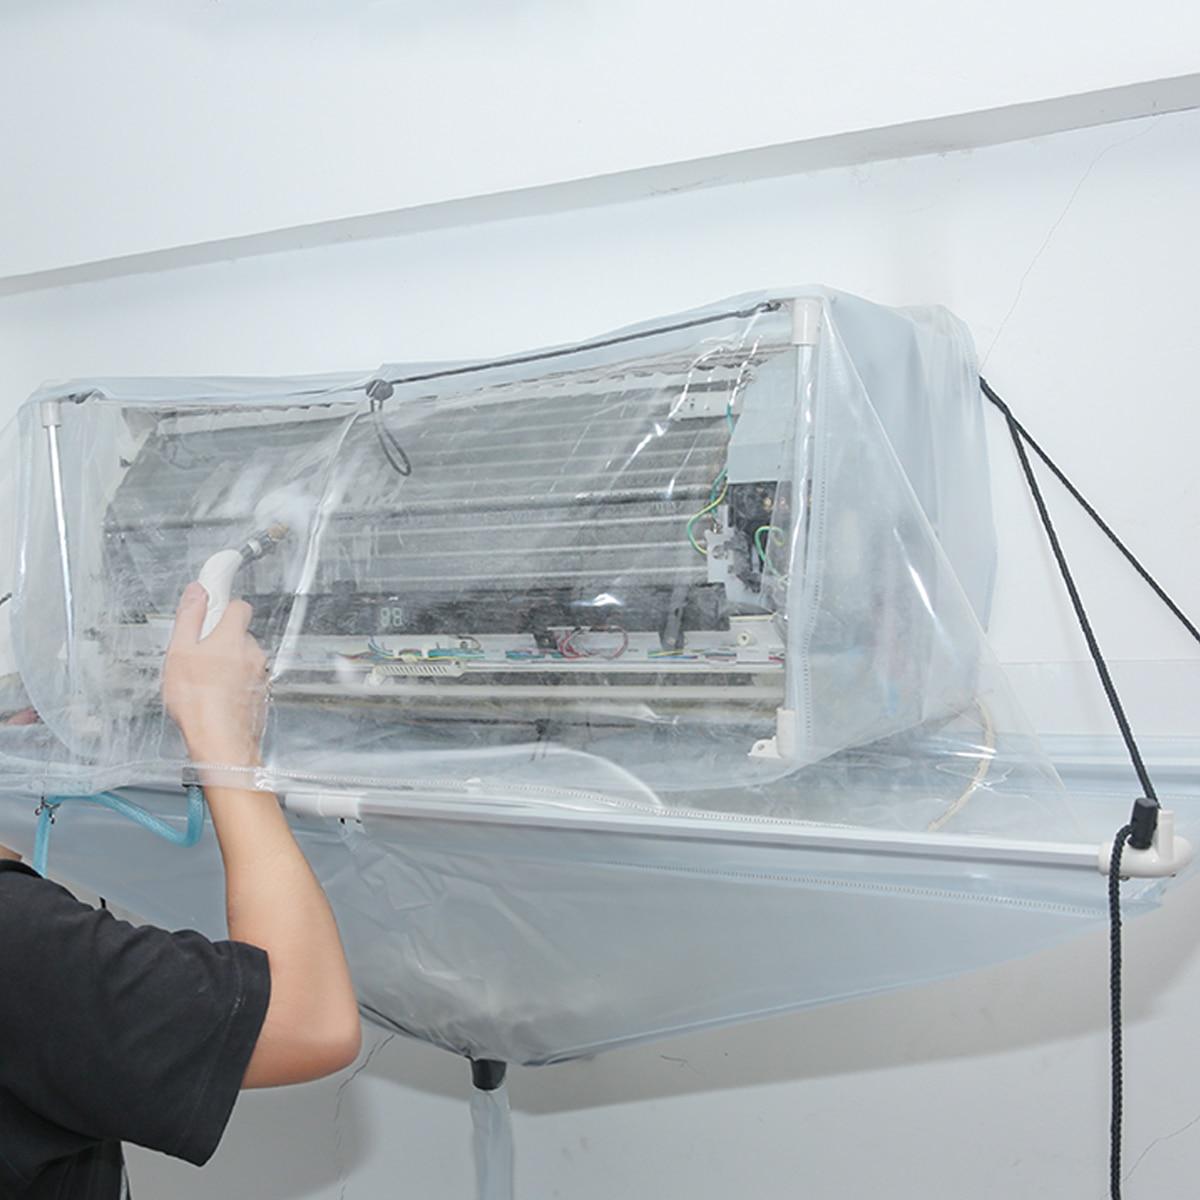 Totalement Fermé Type Réutilisation Climatiseur De Nettoyage À Laver Outil Plafond Mur Monté PVC Climatisation Propre À Laver Outil